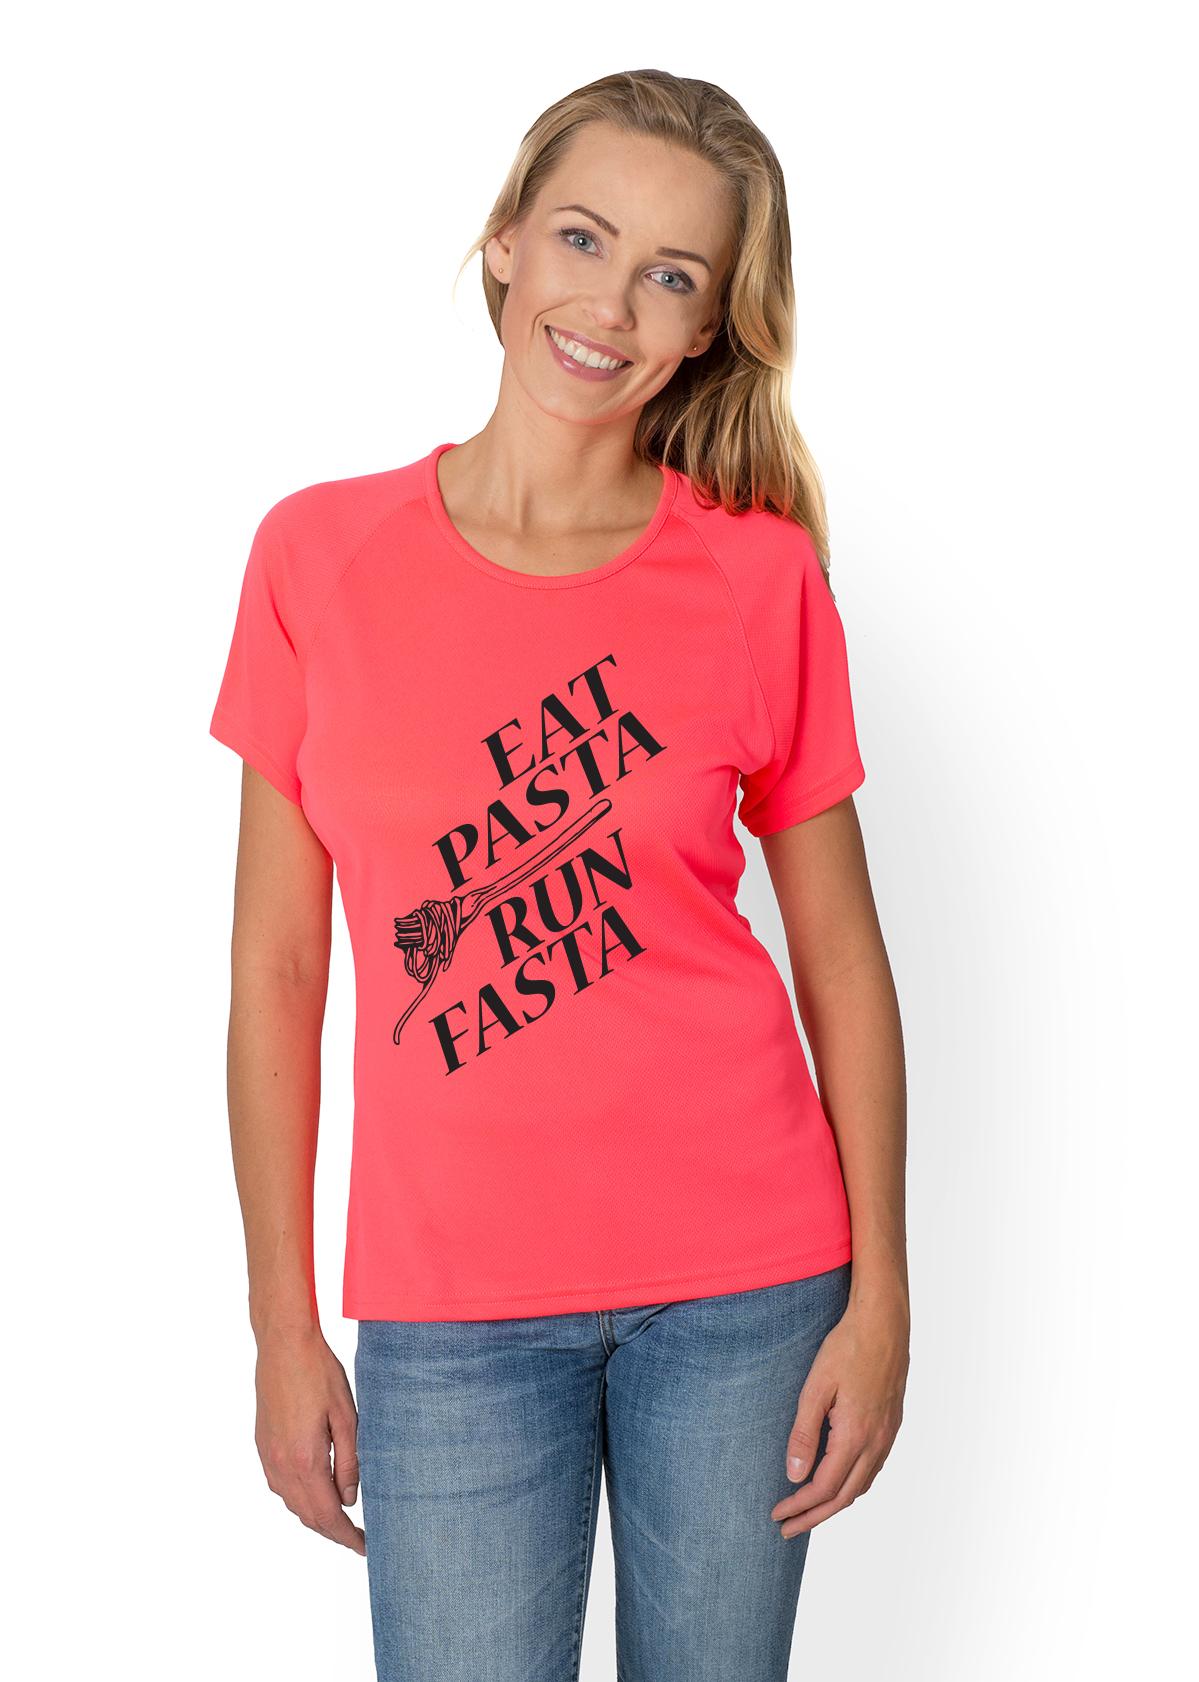 Koszulka sportowa Eat pasta run fasta